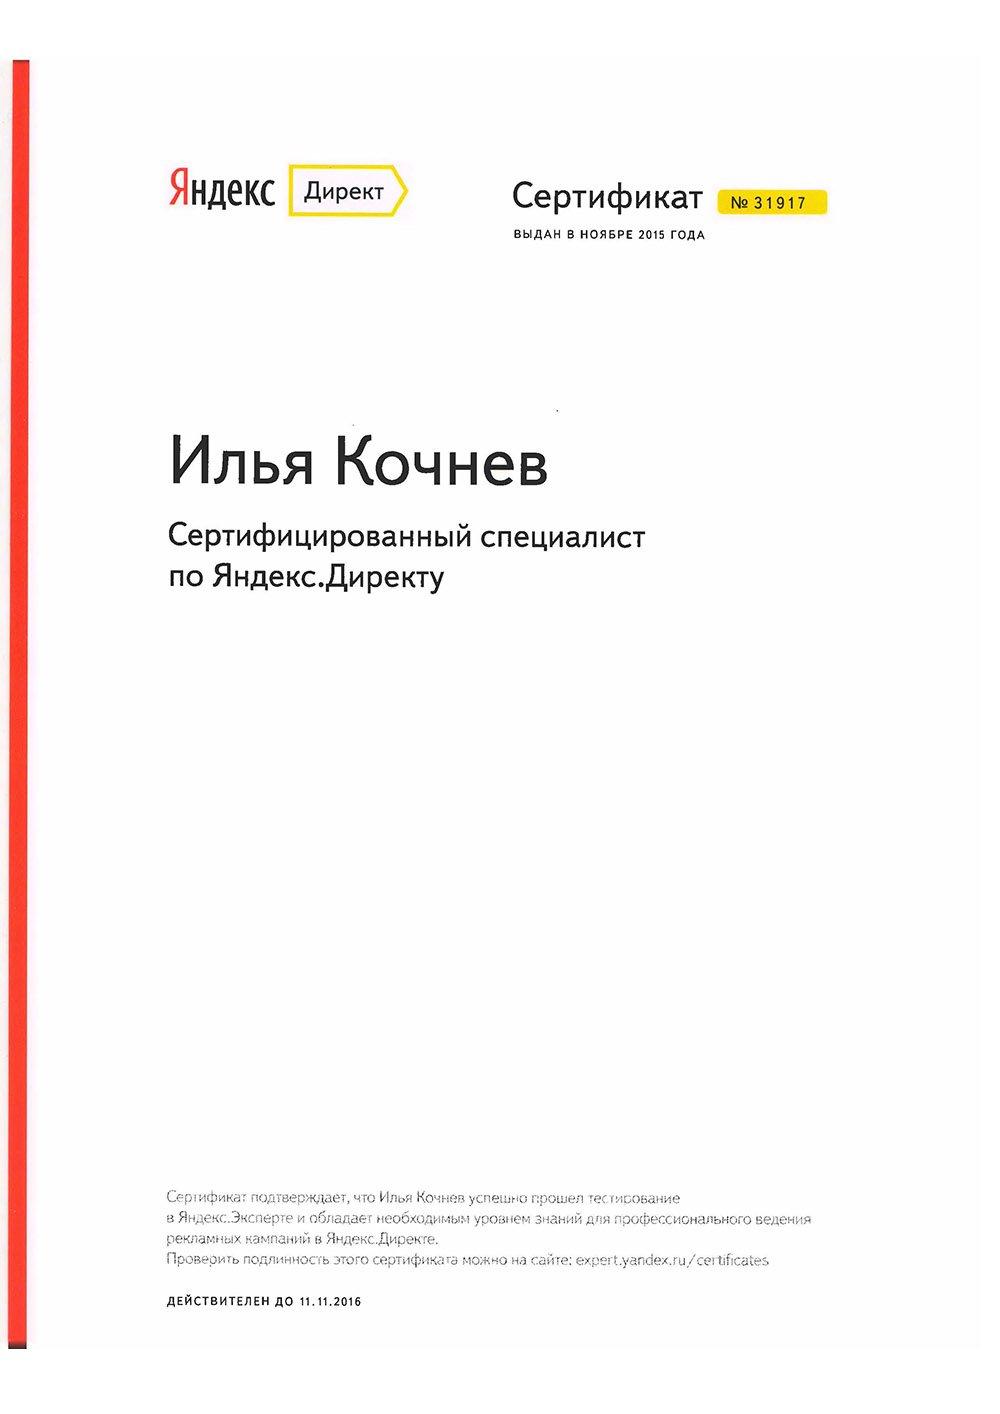 Илья Кочнев. Сертифицированный специалист по Яндекс.Директу 2016.